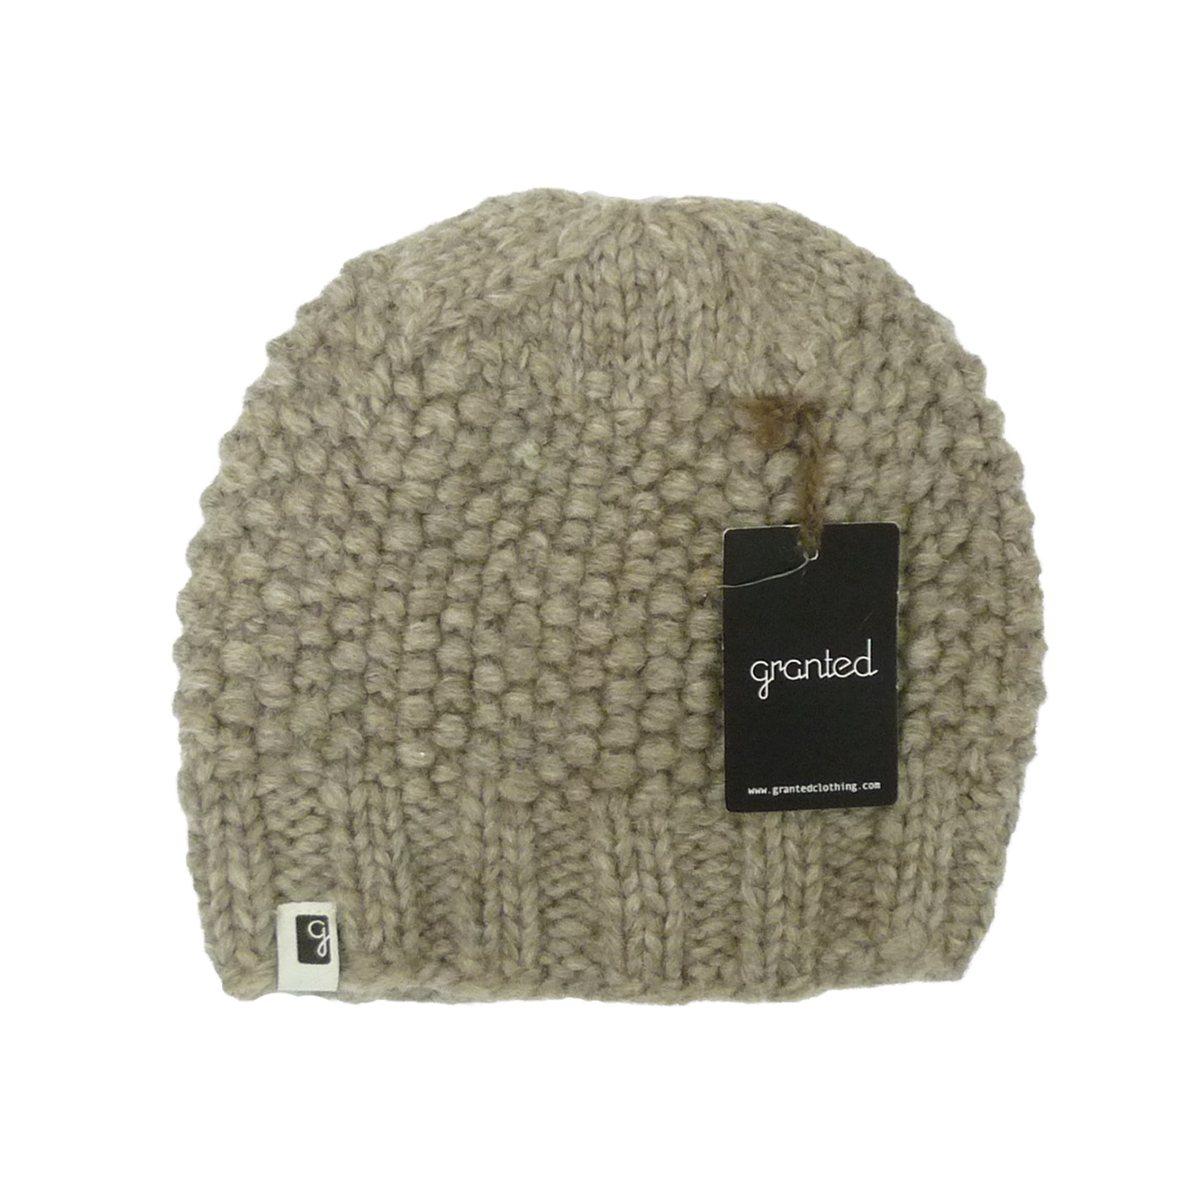 画像1: 【50%OFF】GRANTED グランテッド KNIT CAP PEBBLE TOQUE HAT メンズ/レディース GREY (1)